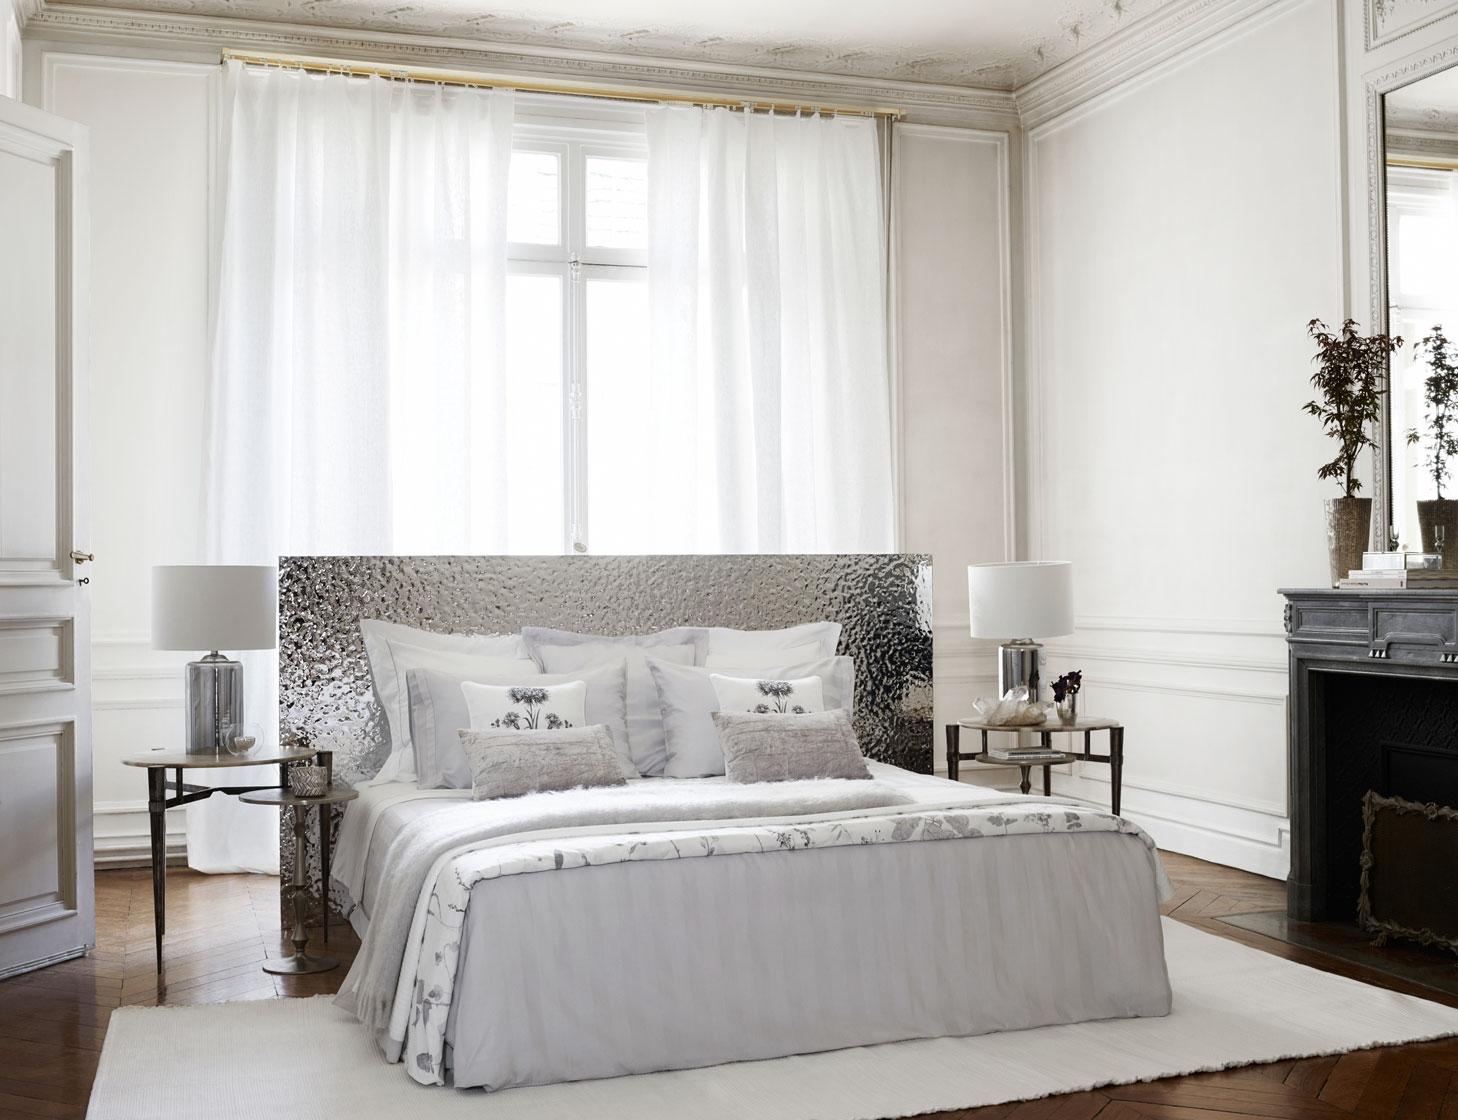 Zara home decoracion de dormitorios - Zara decoracion ...